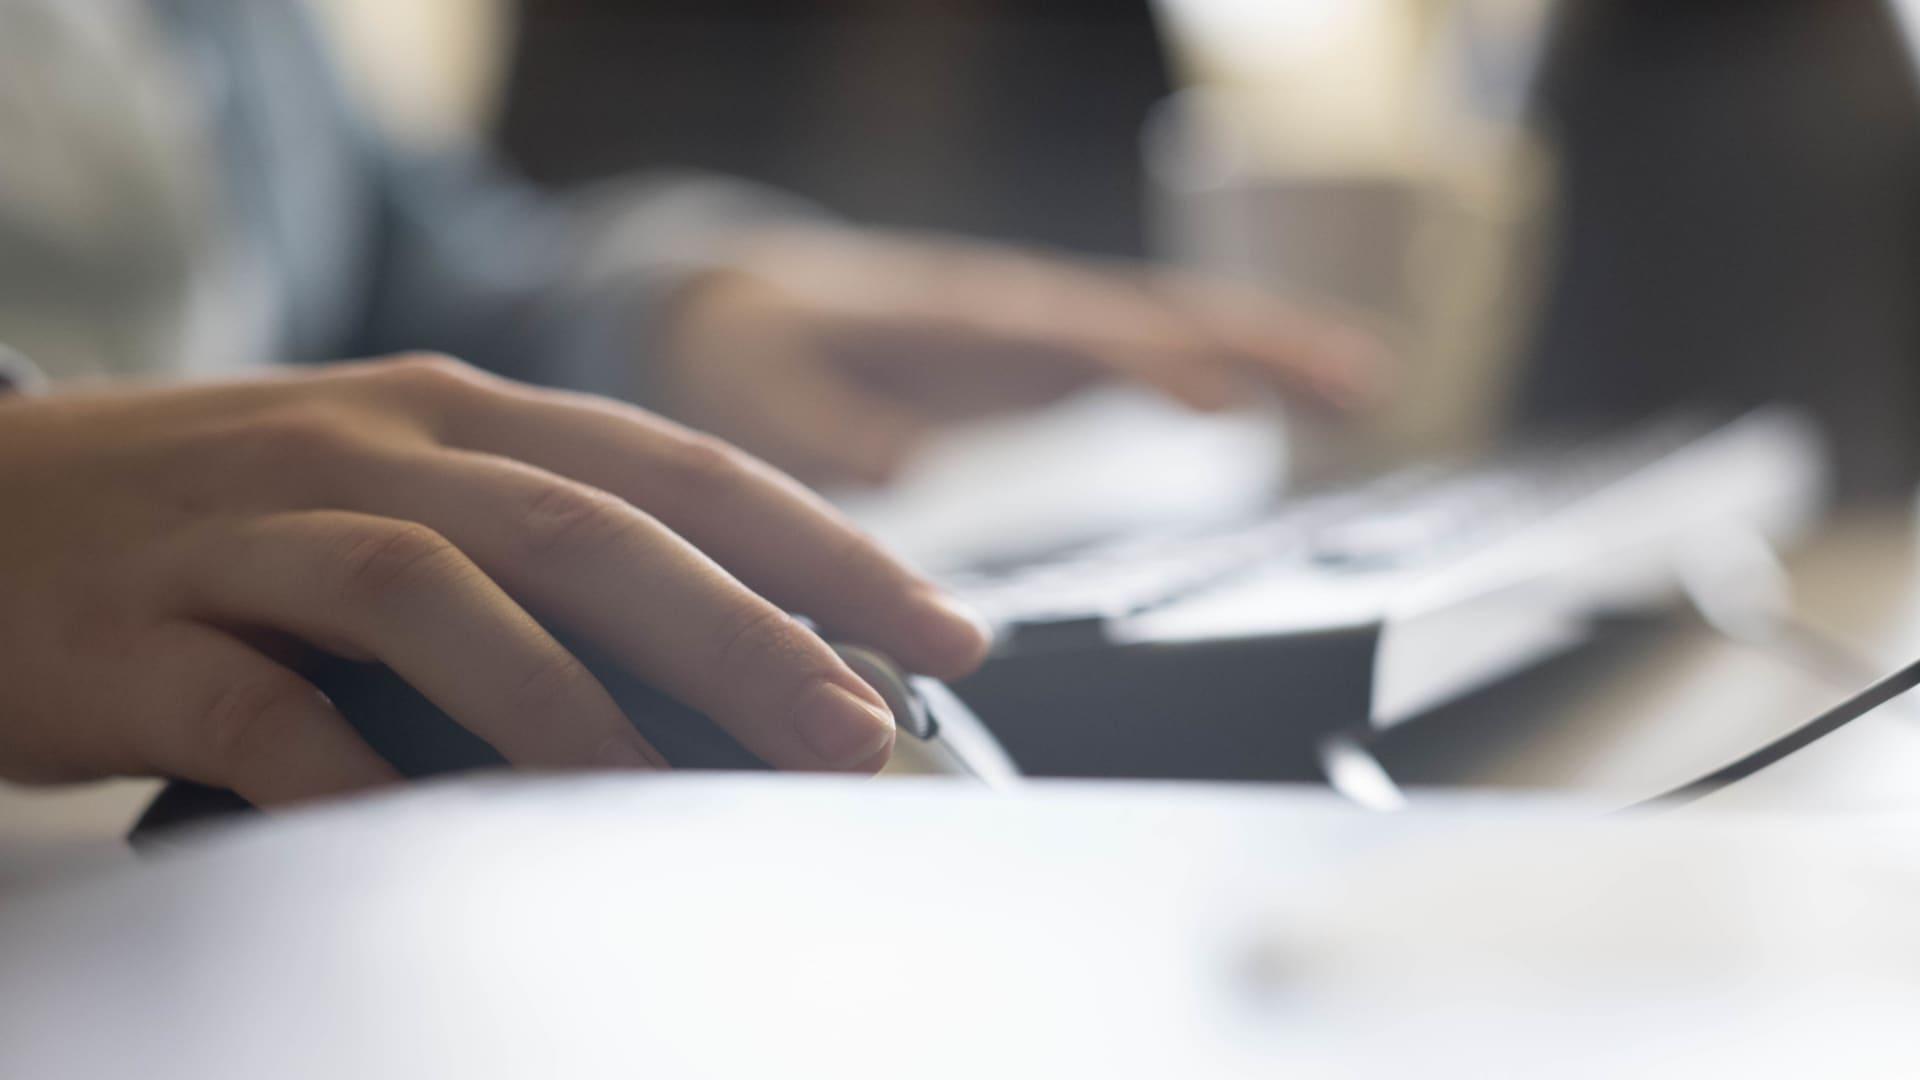 Hände auf der Tastatur und Maus eines Computers